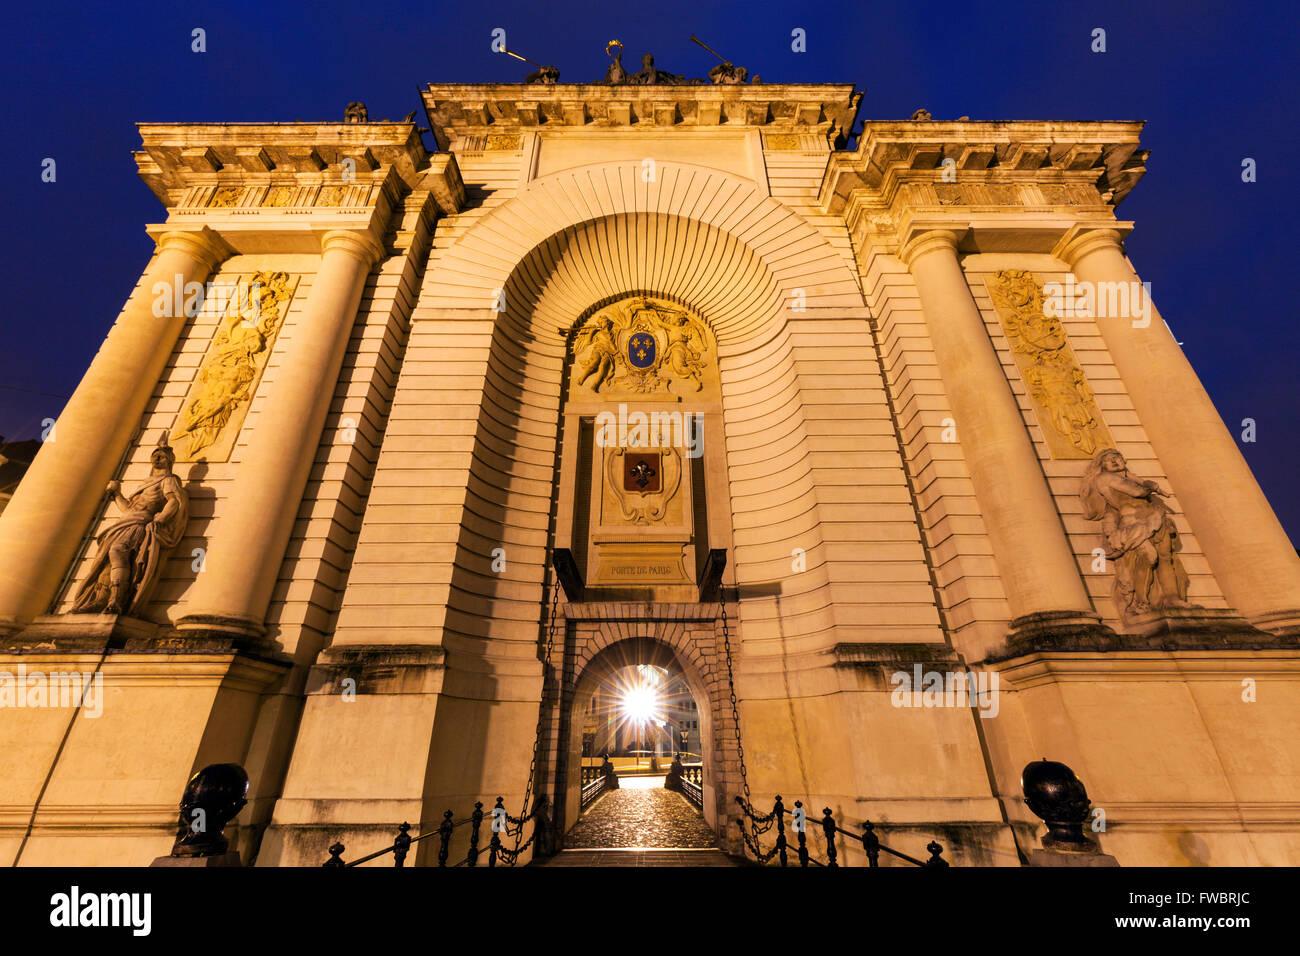 Porta de Paris in Lille - Stock Image